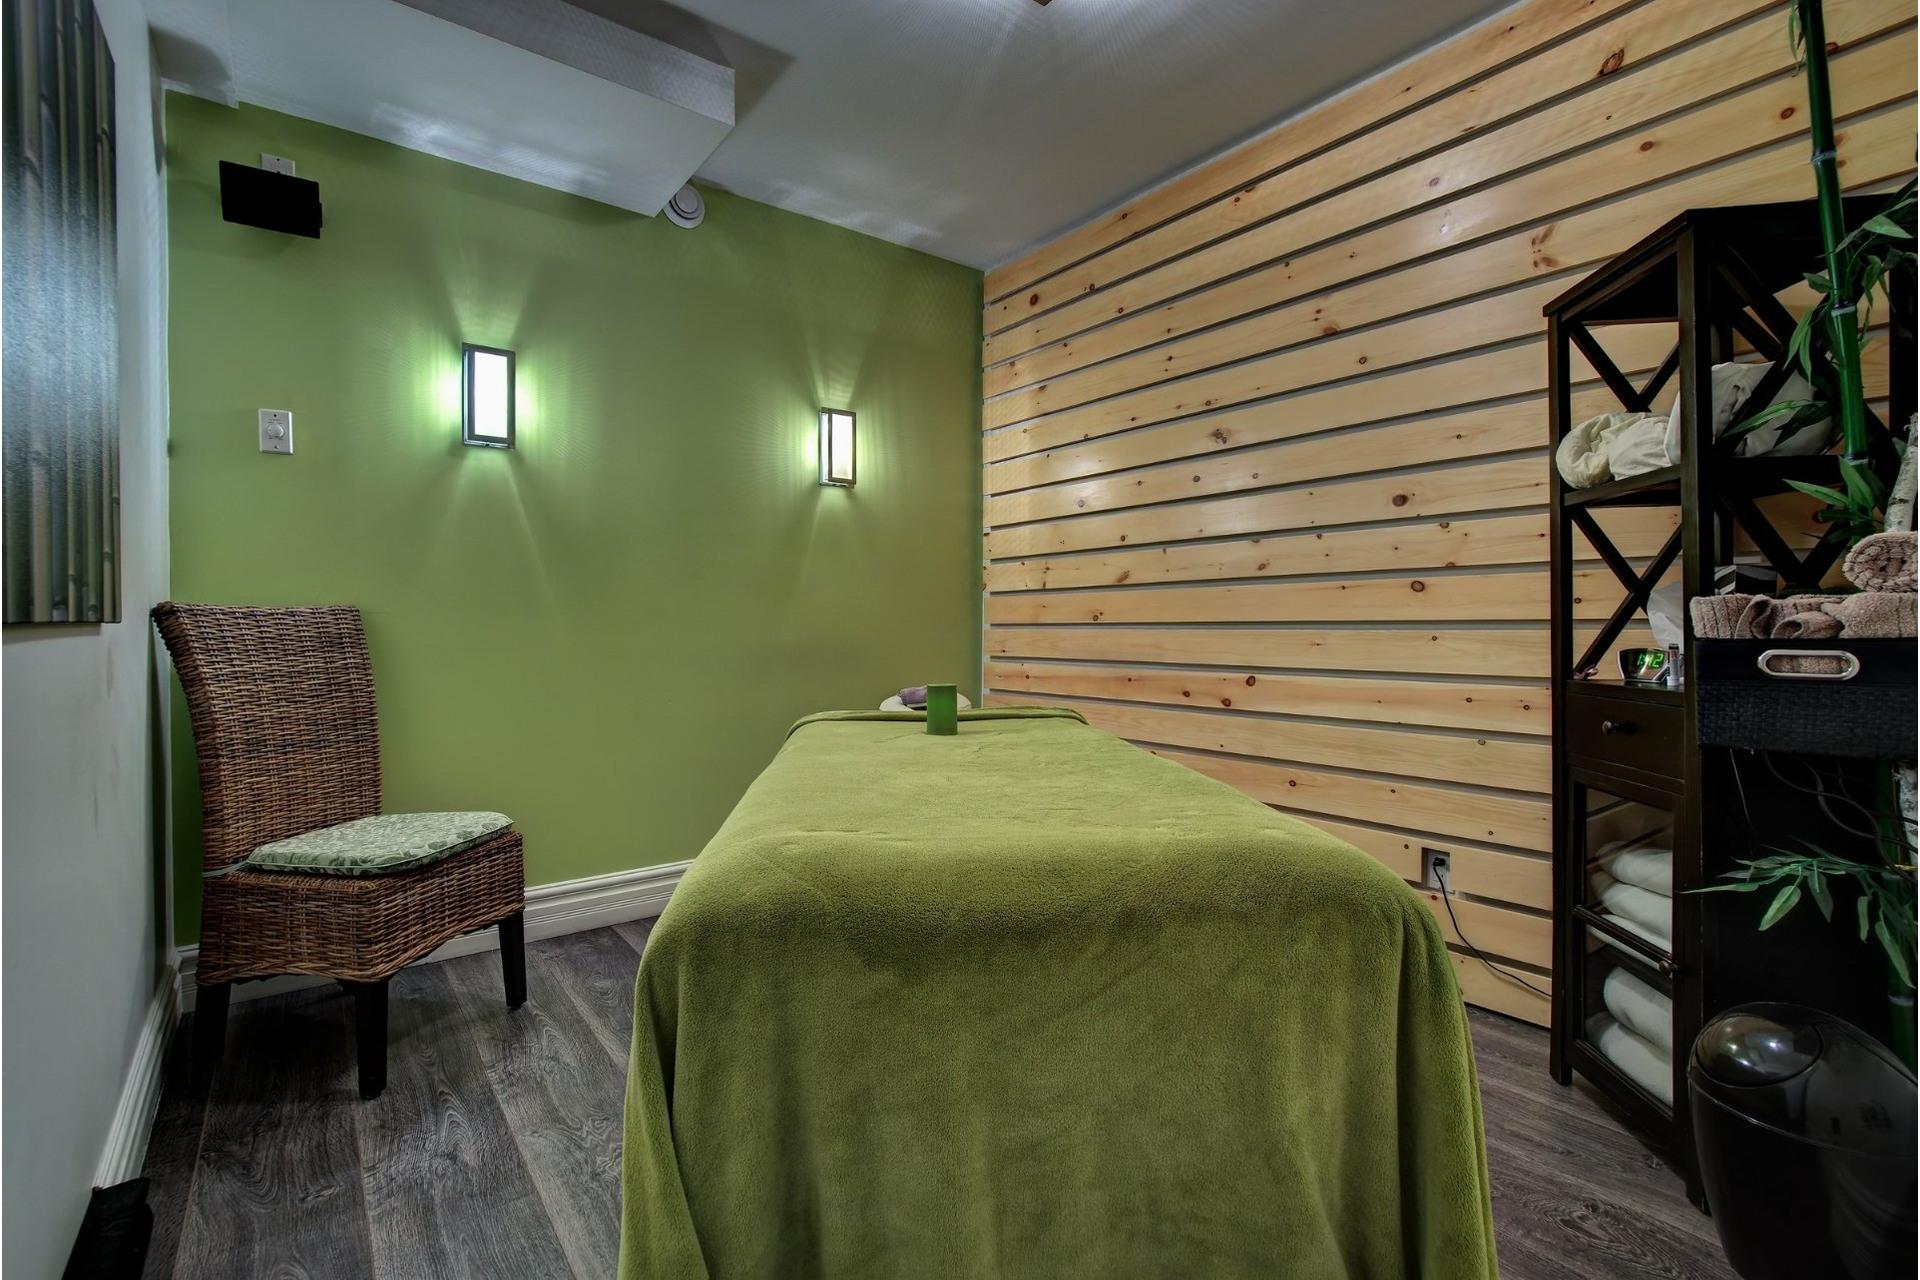 image 18 - Quadruplex For sale Rivière-des-Prairies/Pointe-aux-Trembles Montréal  - 4 rooms